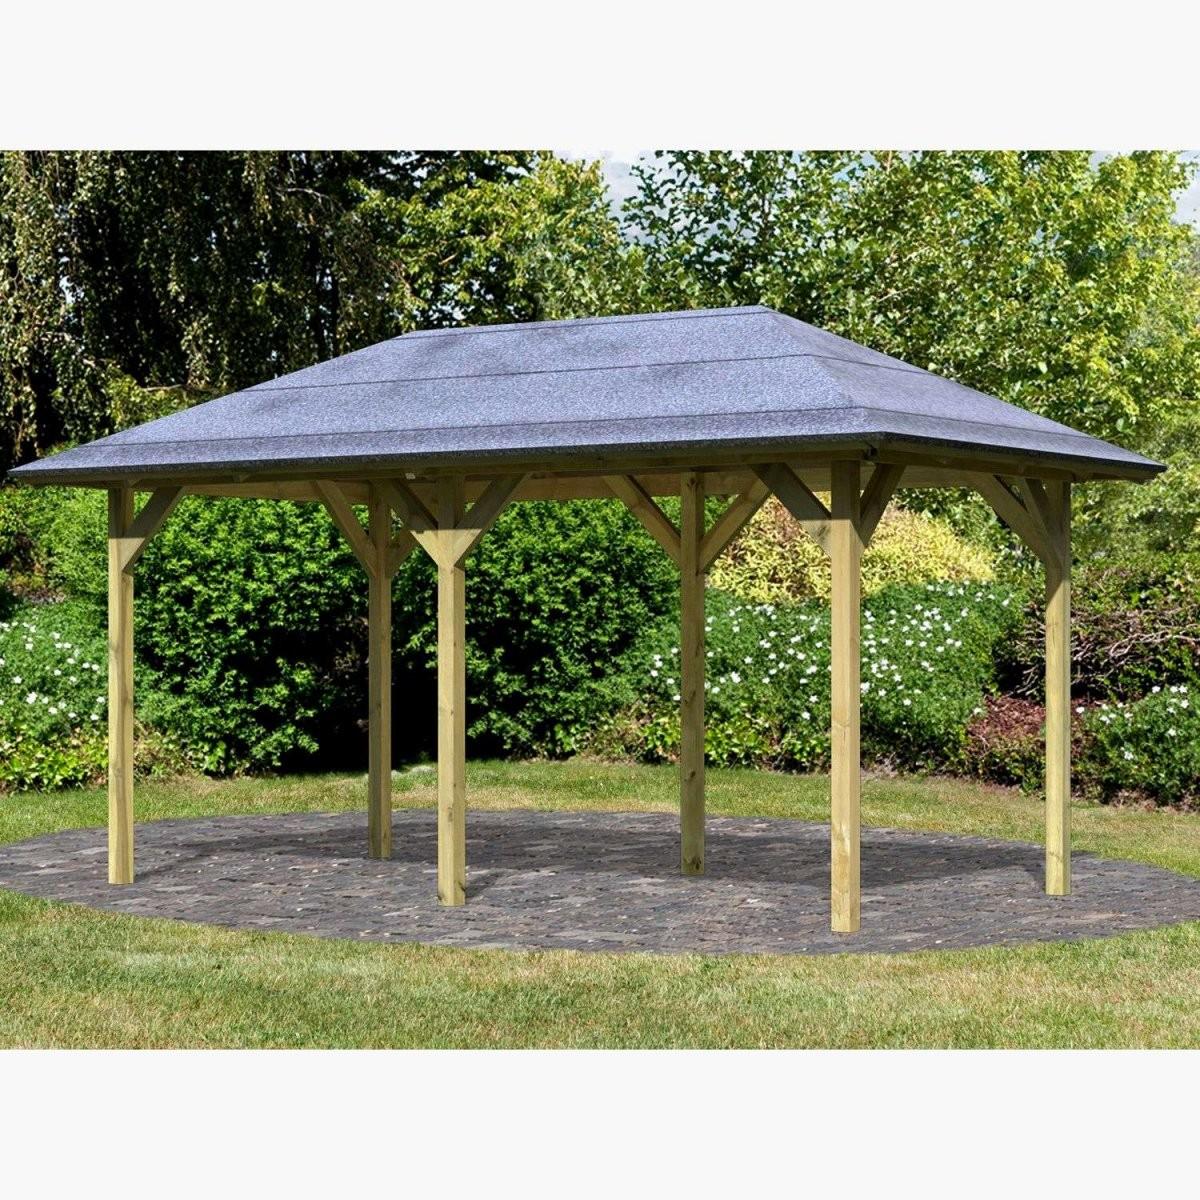 Pavillon Holz Garten Neu Pavillon Holz Selber Bauen Design Neu von Holz Pavillon 3X3 Selber Bauen Photo